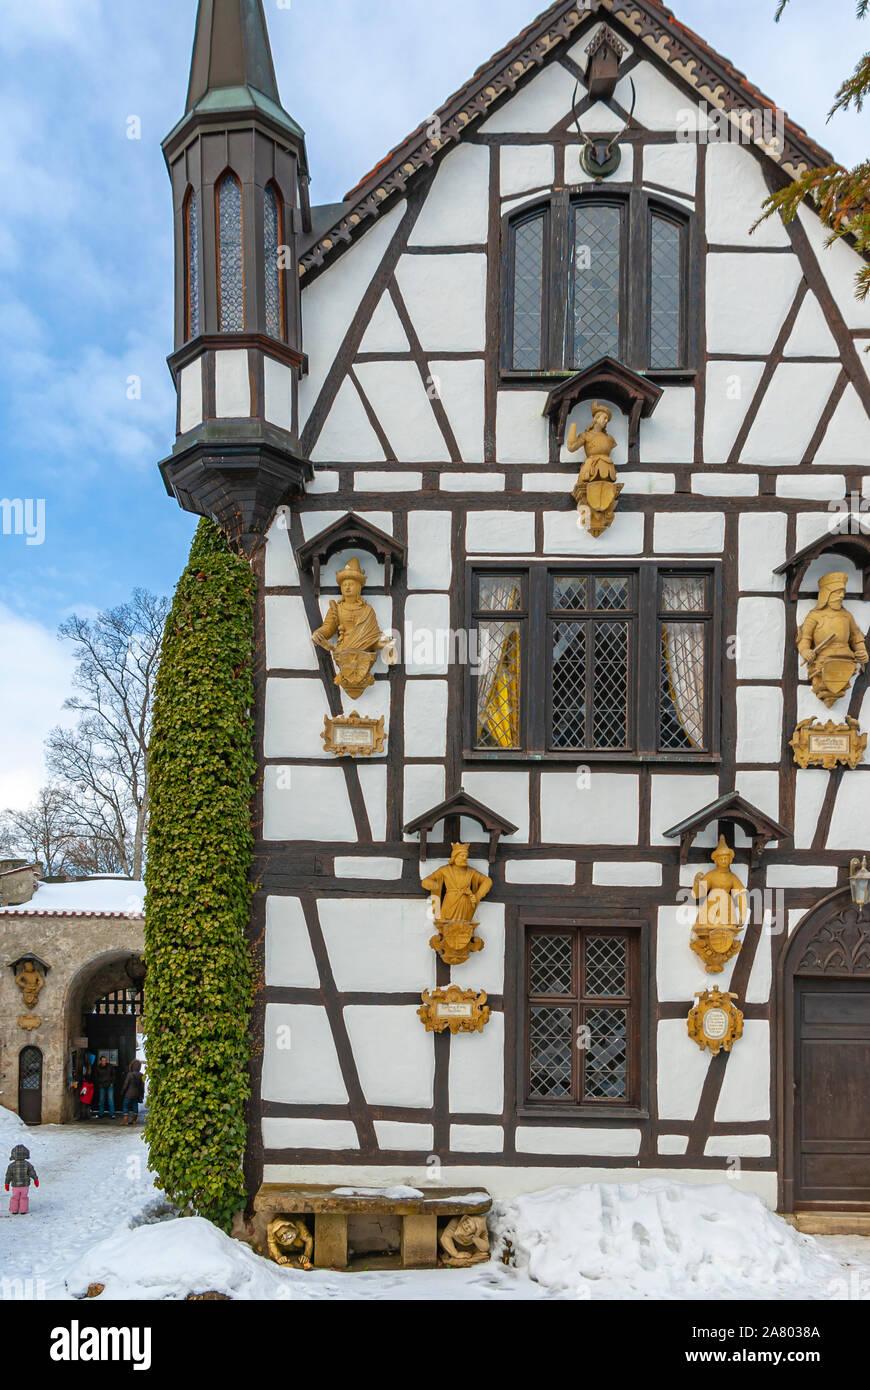 Honau, Baden-Württemberg, Deutschland - 21. Februar 2010: Toilettenhäuschen schöne winterliche Schloss Lichtenstein, Schwäbische Alb, Baden-Württemberg, Deutschland. Stockfoto